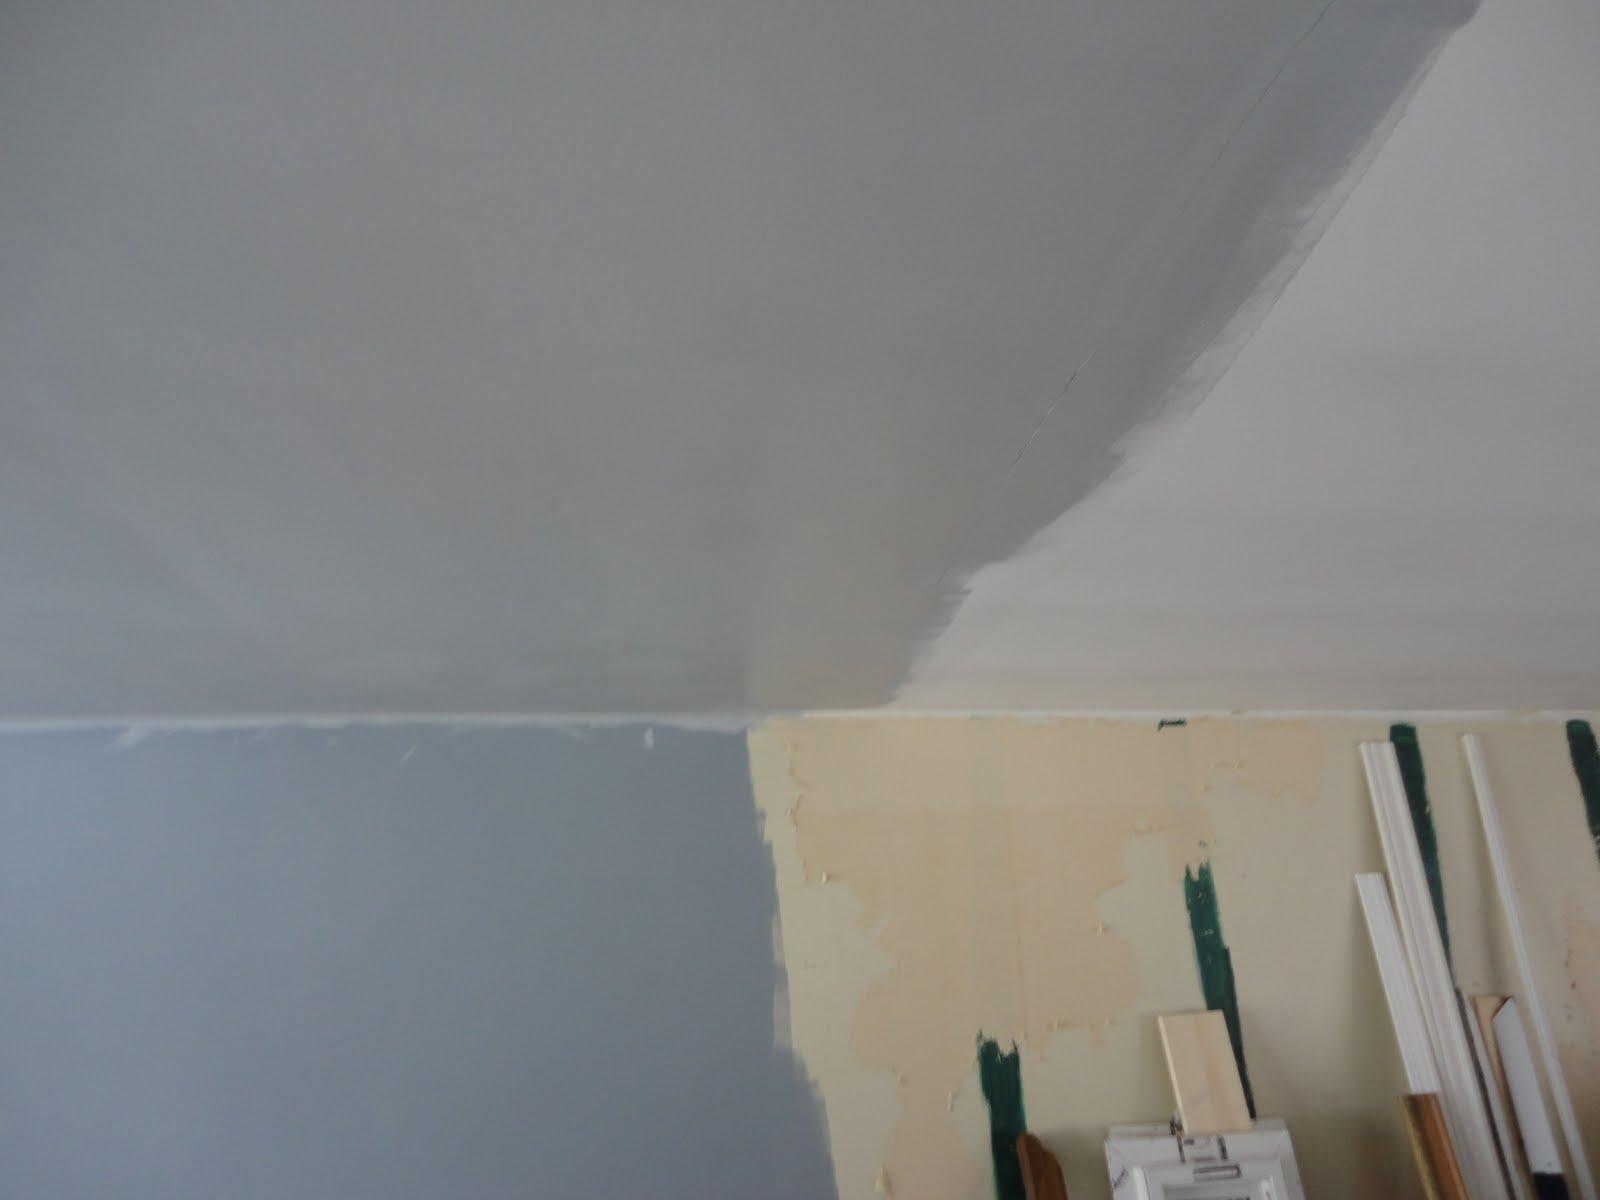 Behr Texture Ceiling Paint